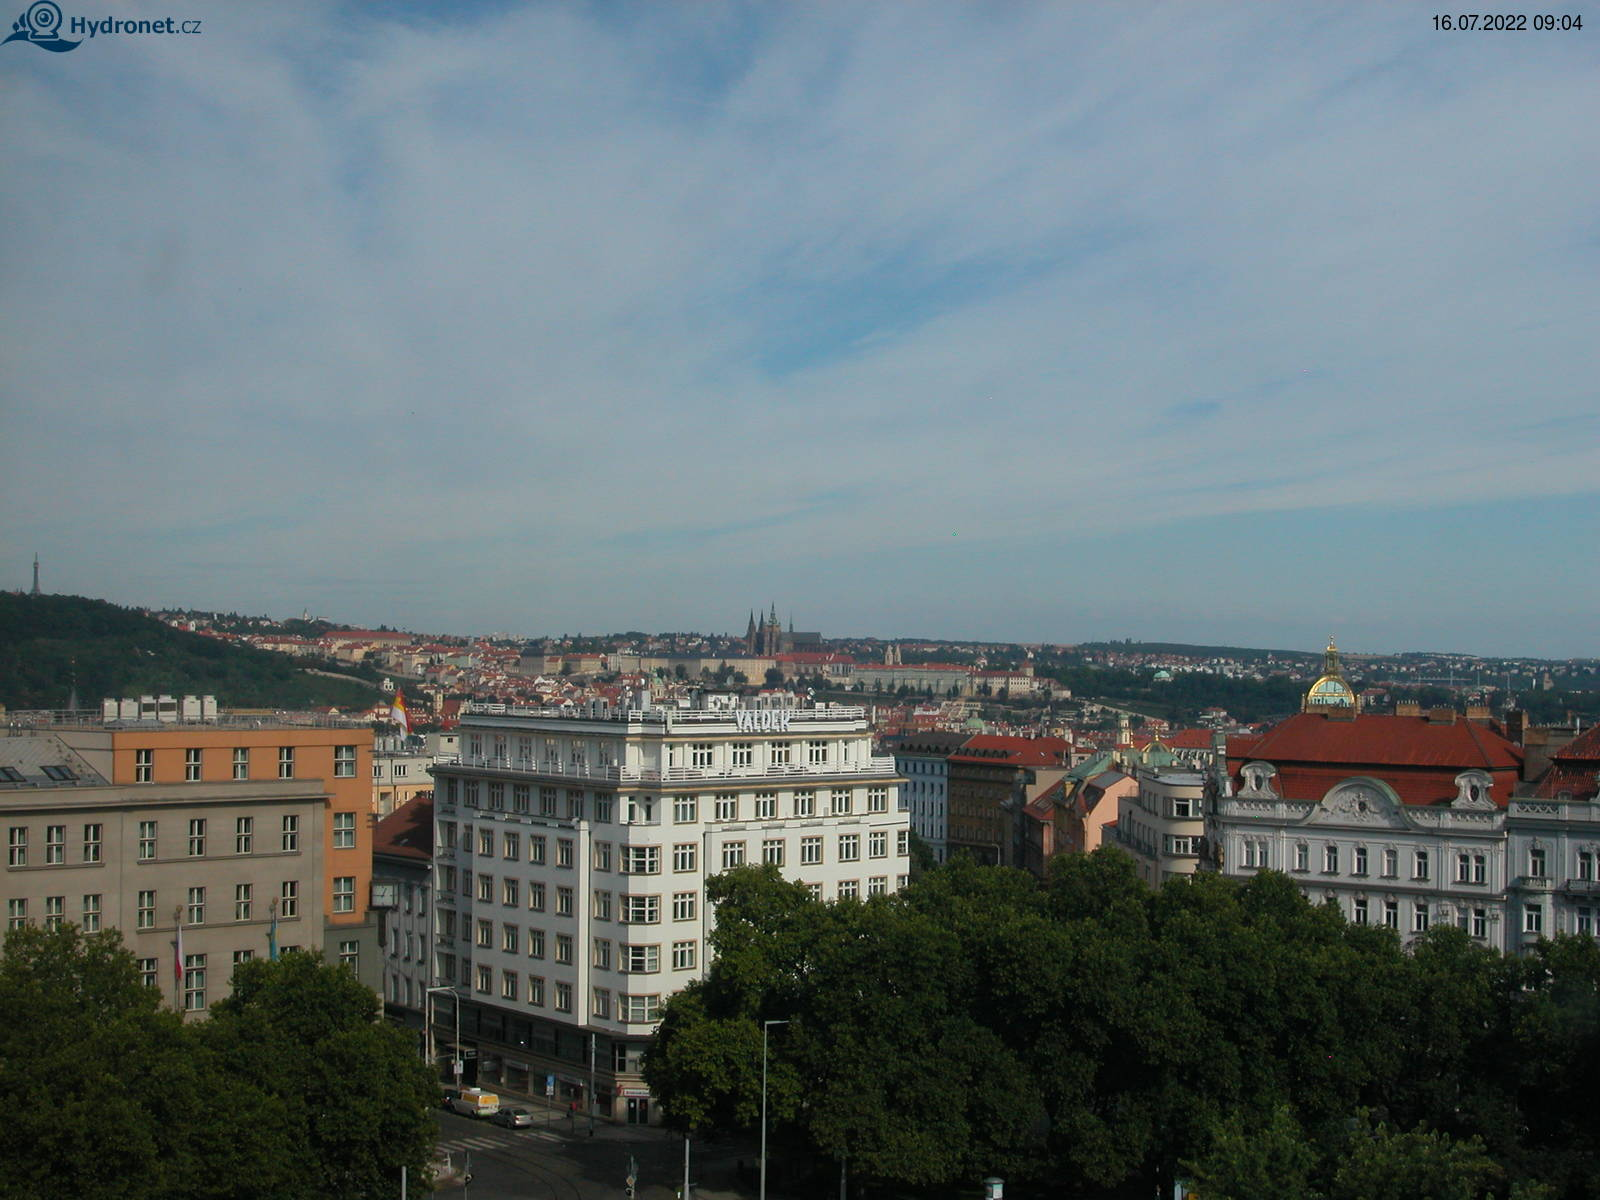 Aktualní snímek stanice Náměstí Míru - Pražský hrad